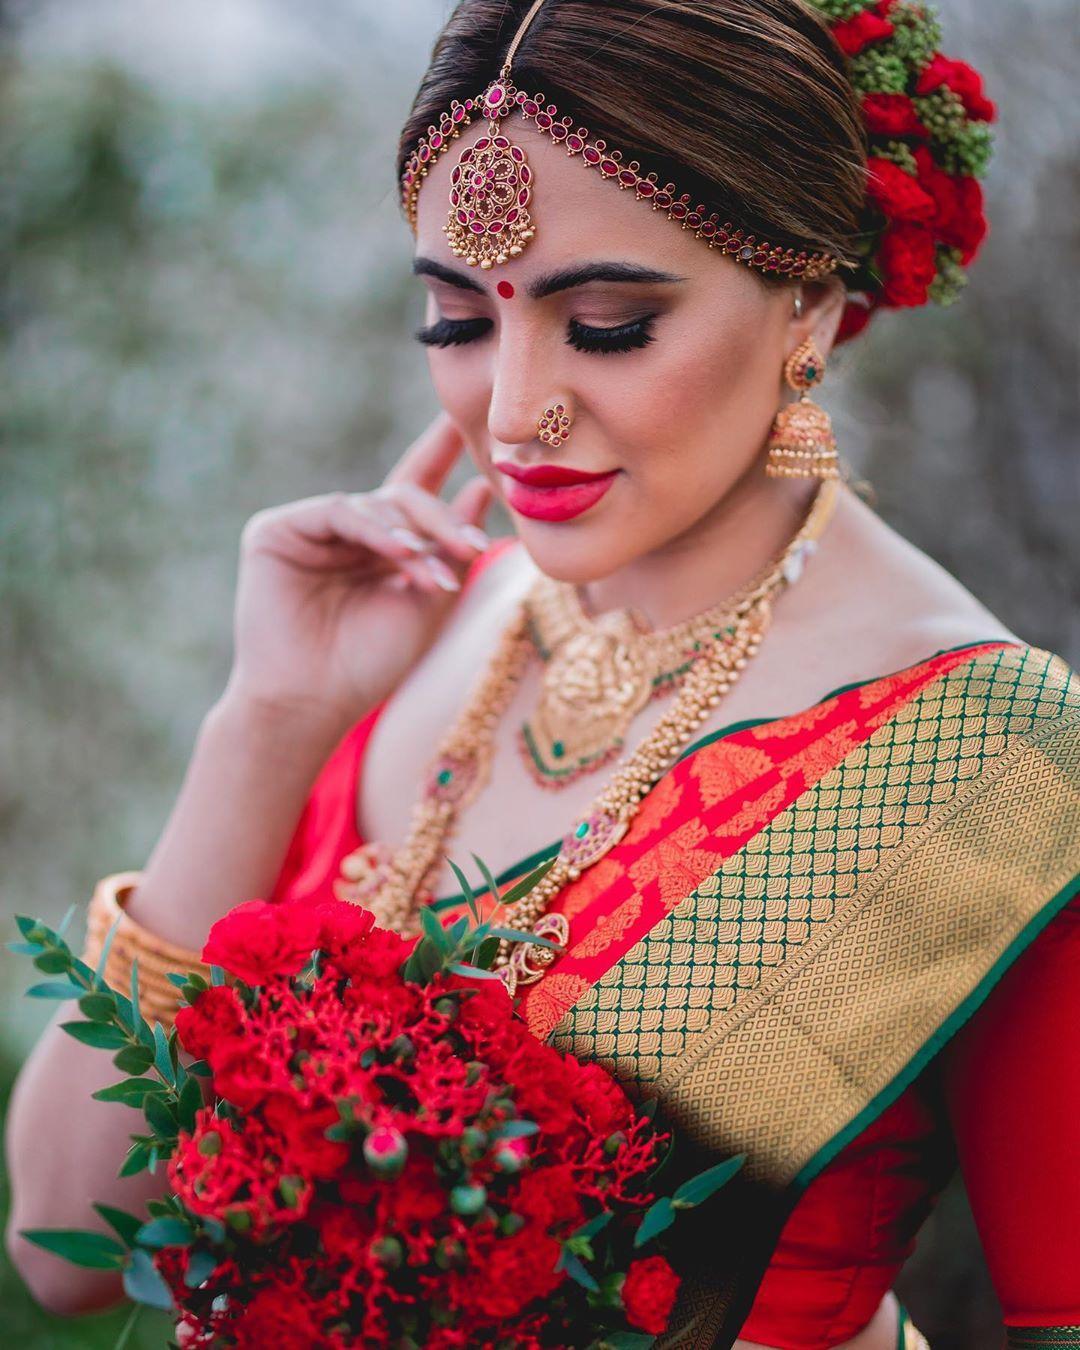 Pin oleh Shya di Tamil Bridal Makeup di 2020 Instagram